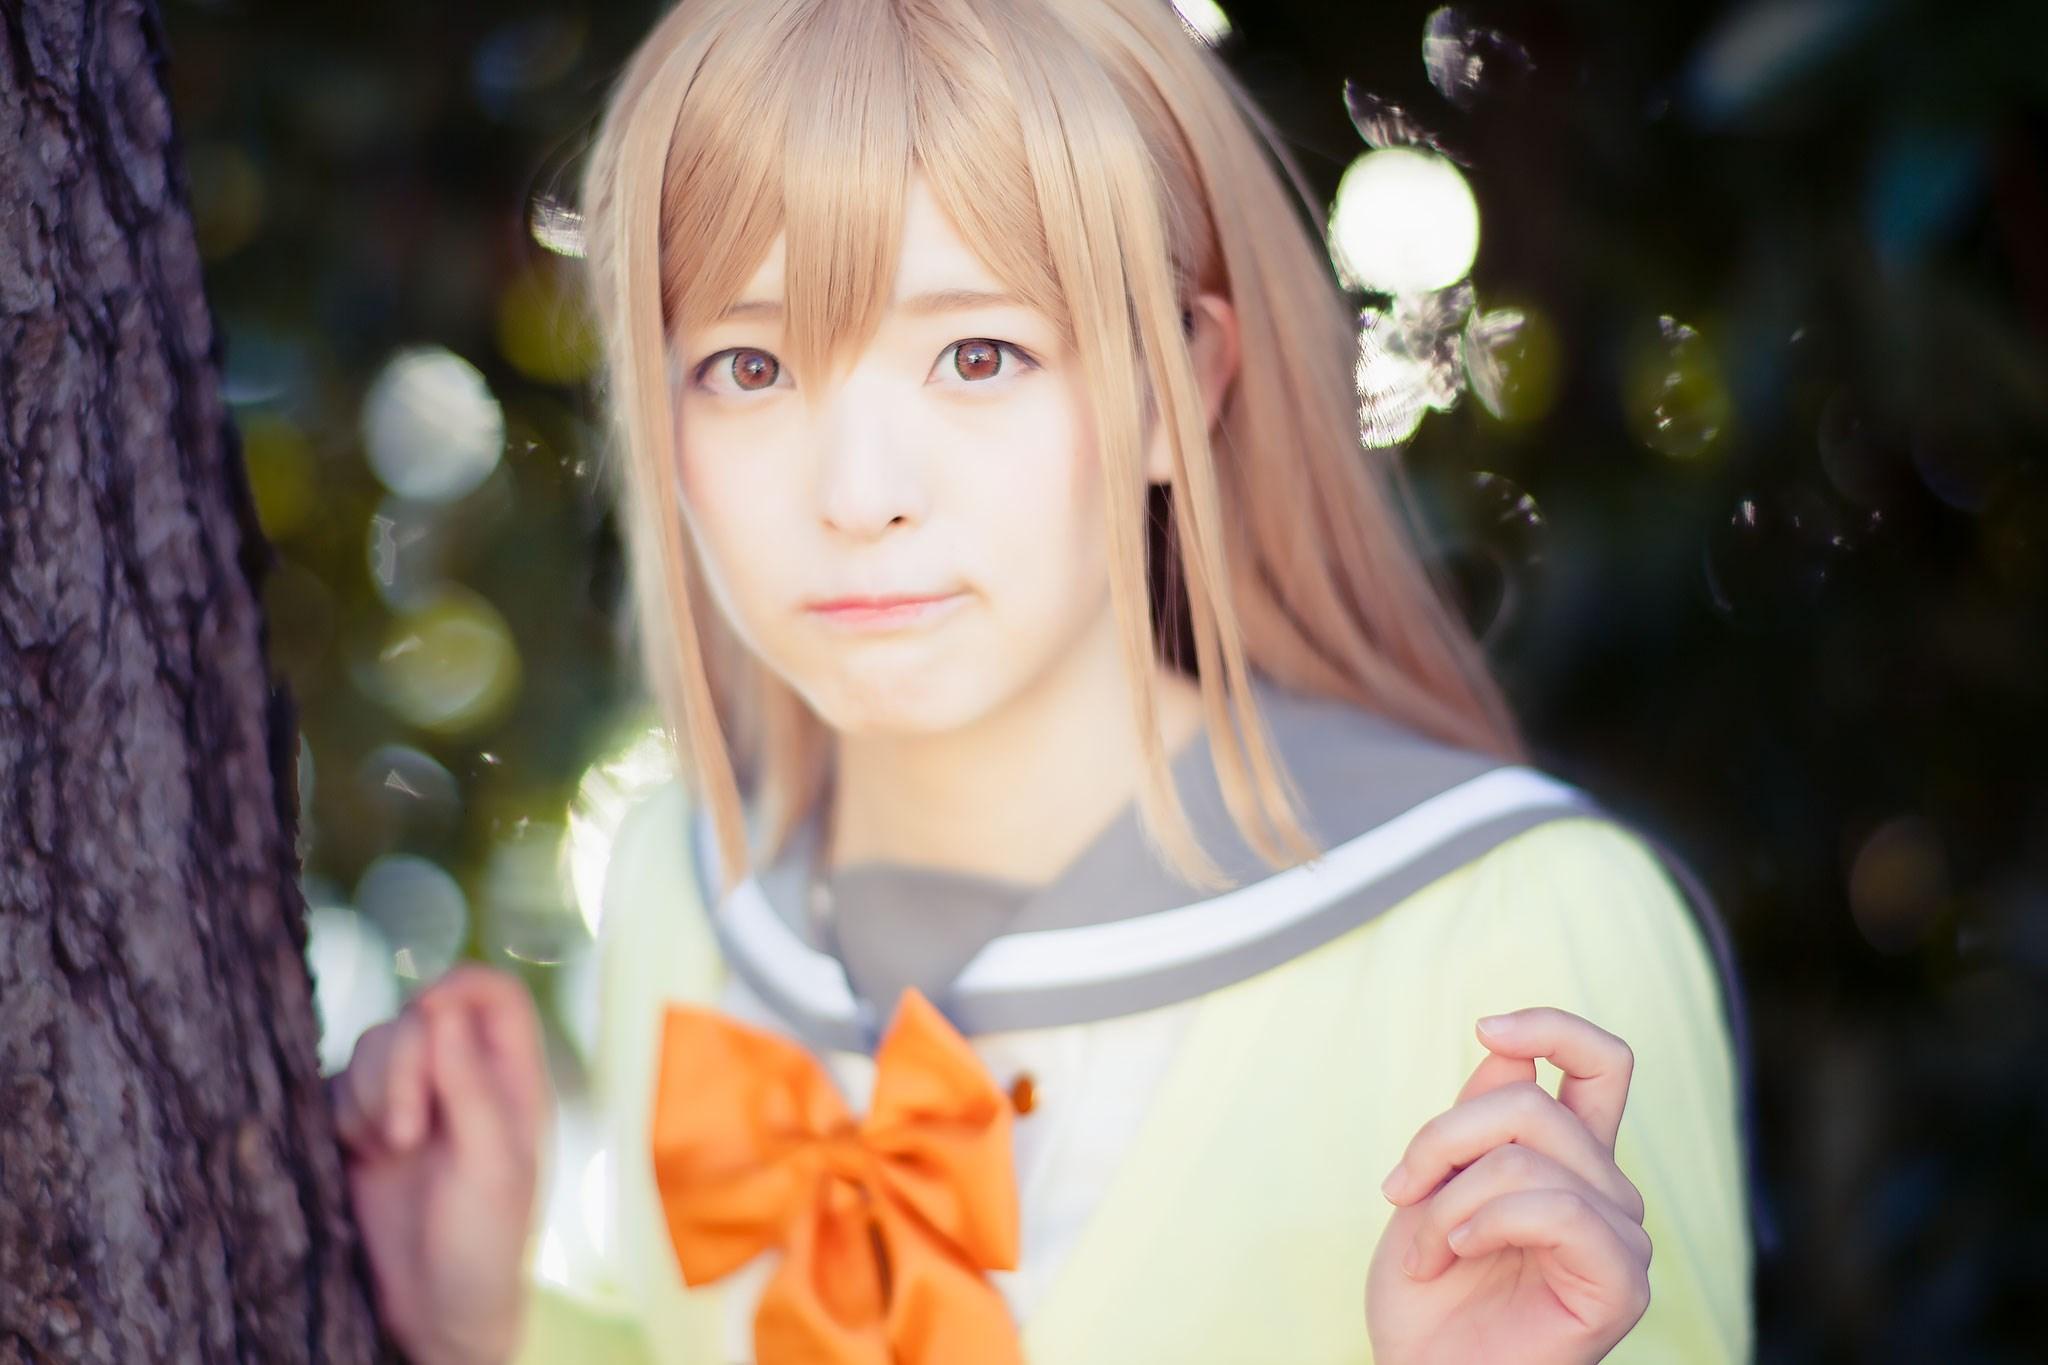 【兔玩映画】阳光与少女 兔玩映画 第35张